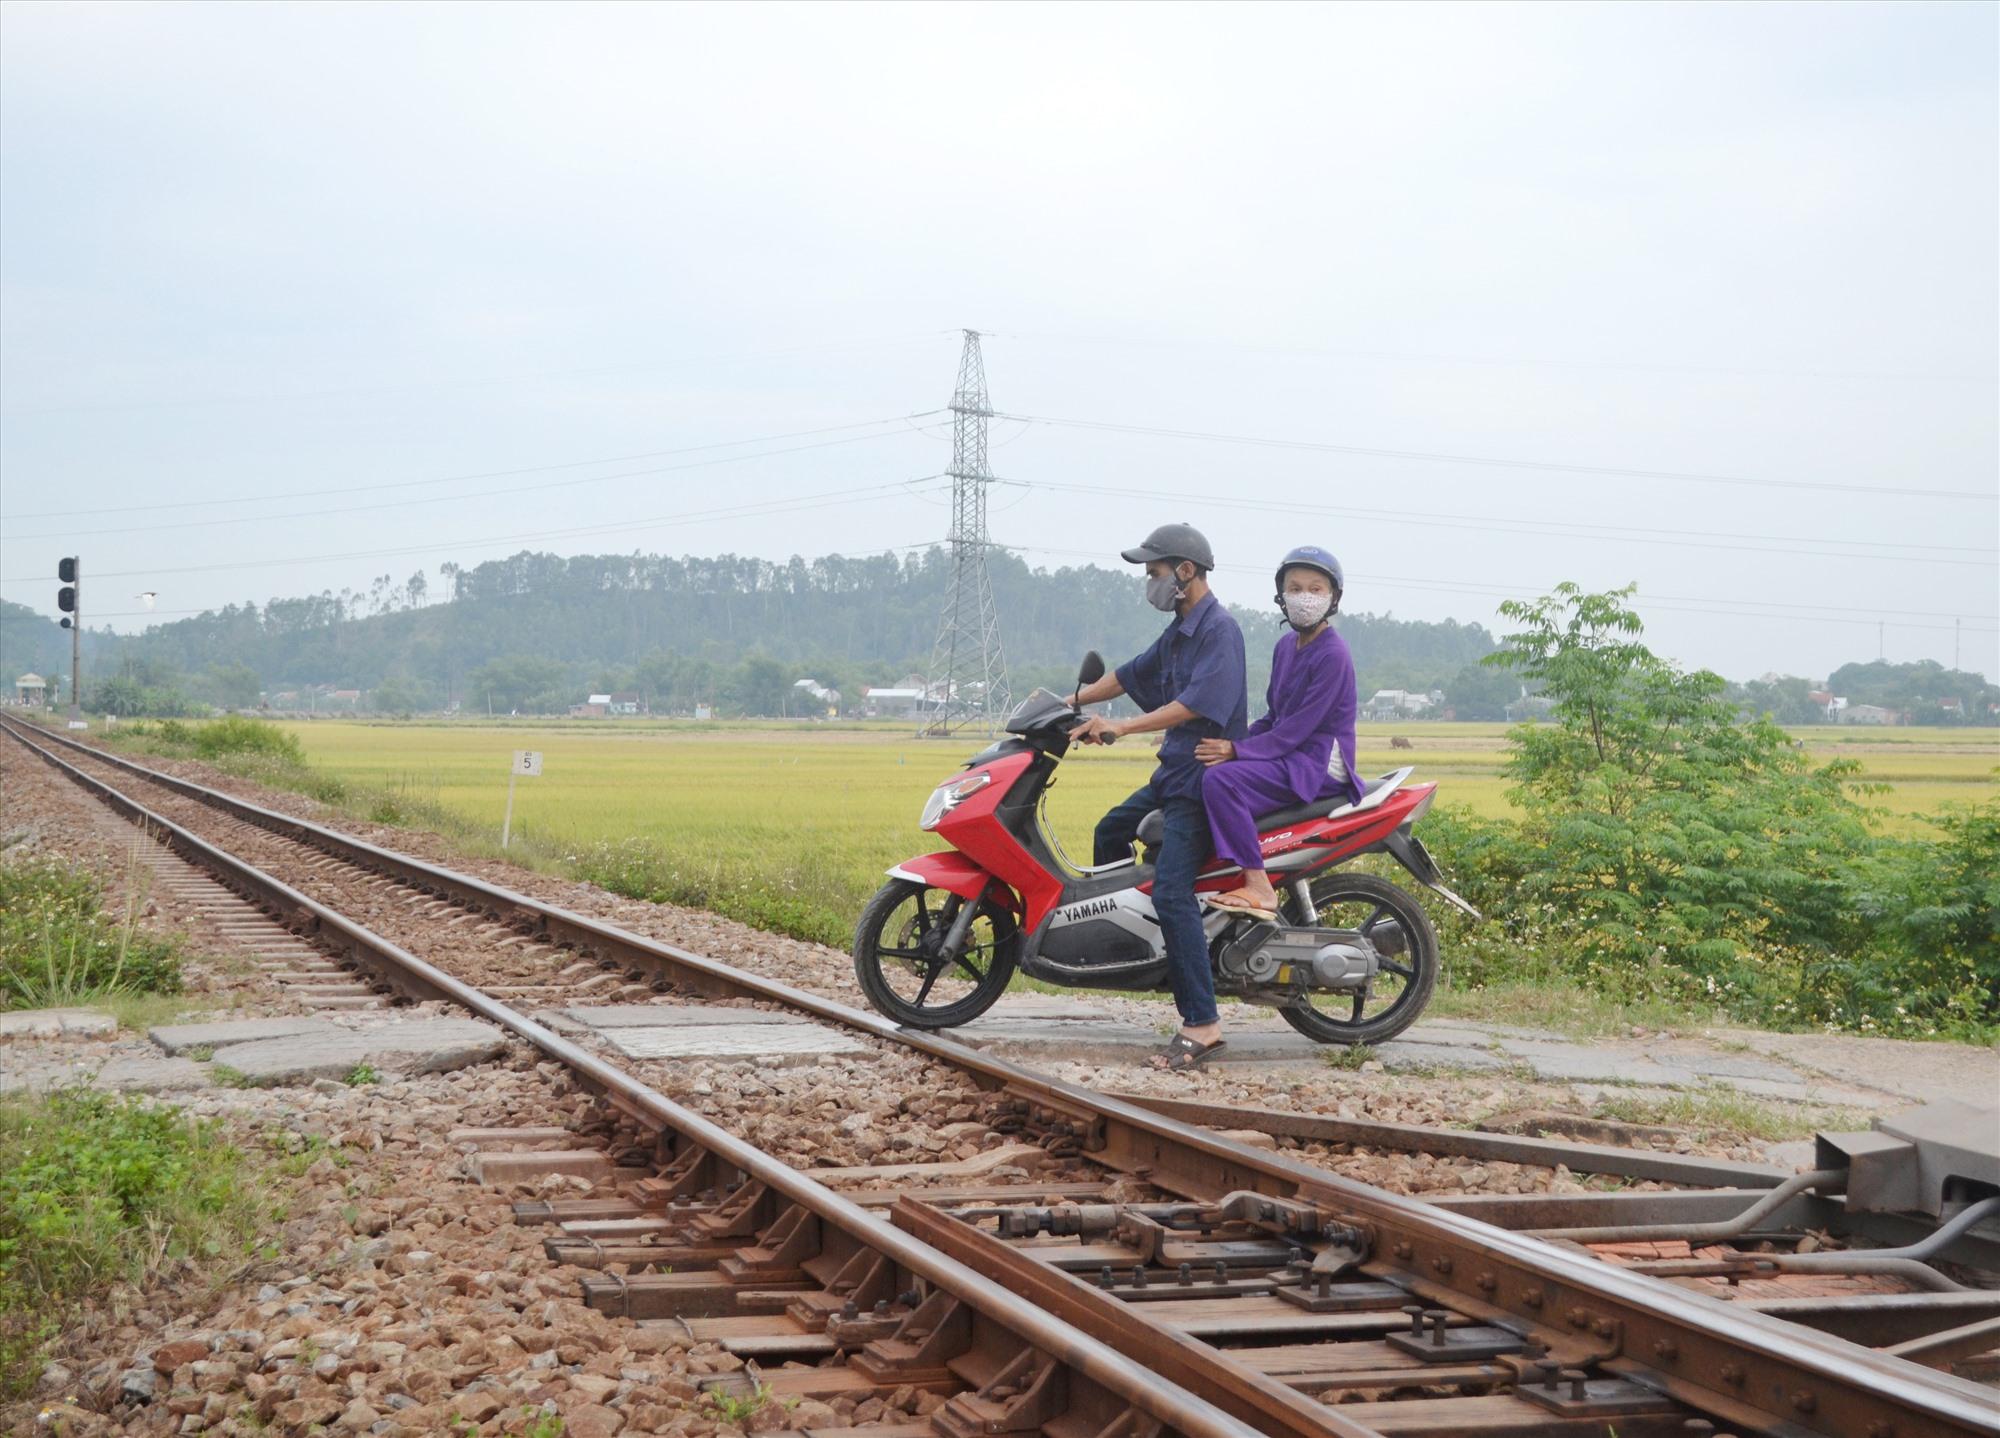 Lối đi tự mở tại lý trình đường sắt km824+530, địa phận xã Duy Sơn (Duy Xuyên) sẽ được thiết lập chốt gác. Ảnh: K.K